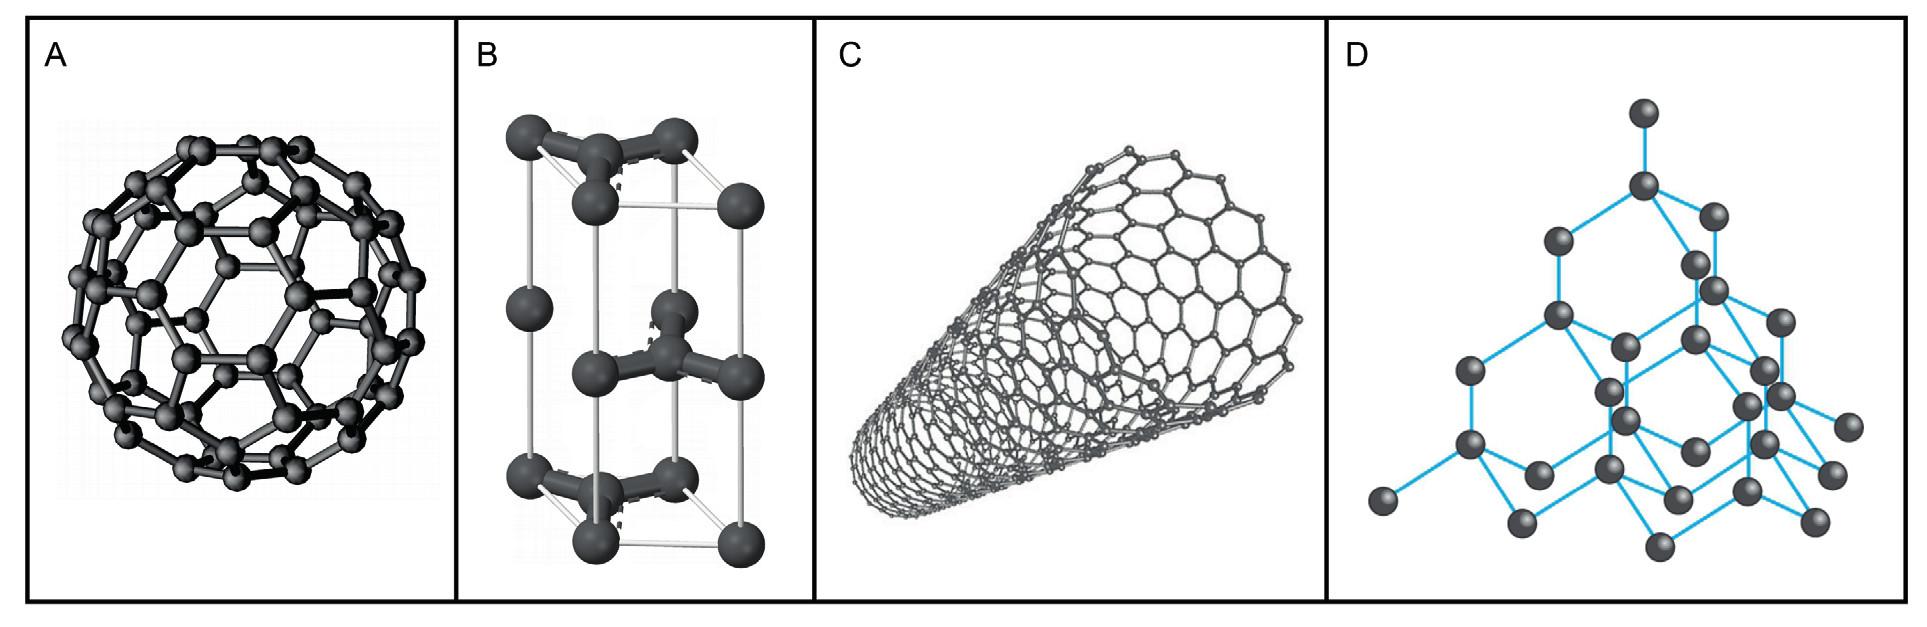 Různé modifikace uhlíku: A – molekula fullerenu C<sub>60</sub>, tvořená sítí uhlíkových atomů uspořádaných do šestiúhelníků doplněných pětiúhelníky, B – grafit (tuha), nejčastější přírodní modifikace složená z vrstev, které jsou tvořeny uhlíky navázanými do šestiúhelníků, C – uhlíkové nanotrubice, D – diamant je tvořen uhlíkem krystalizujícím v krychlové soustavě